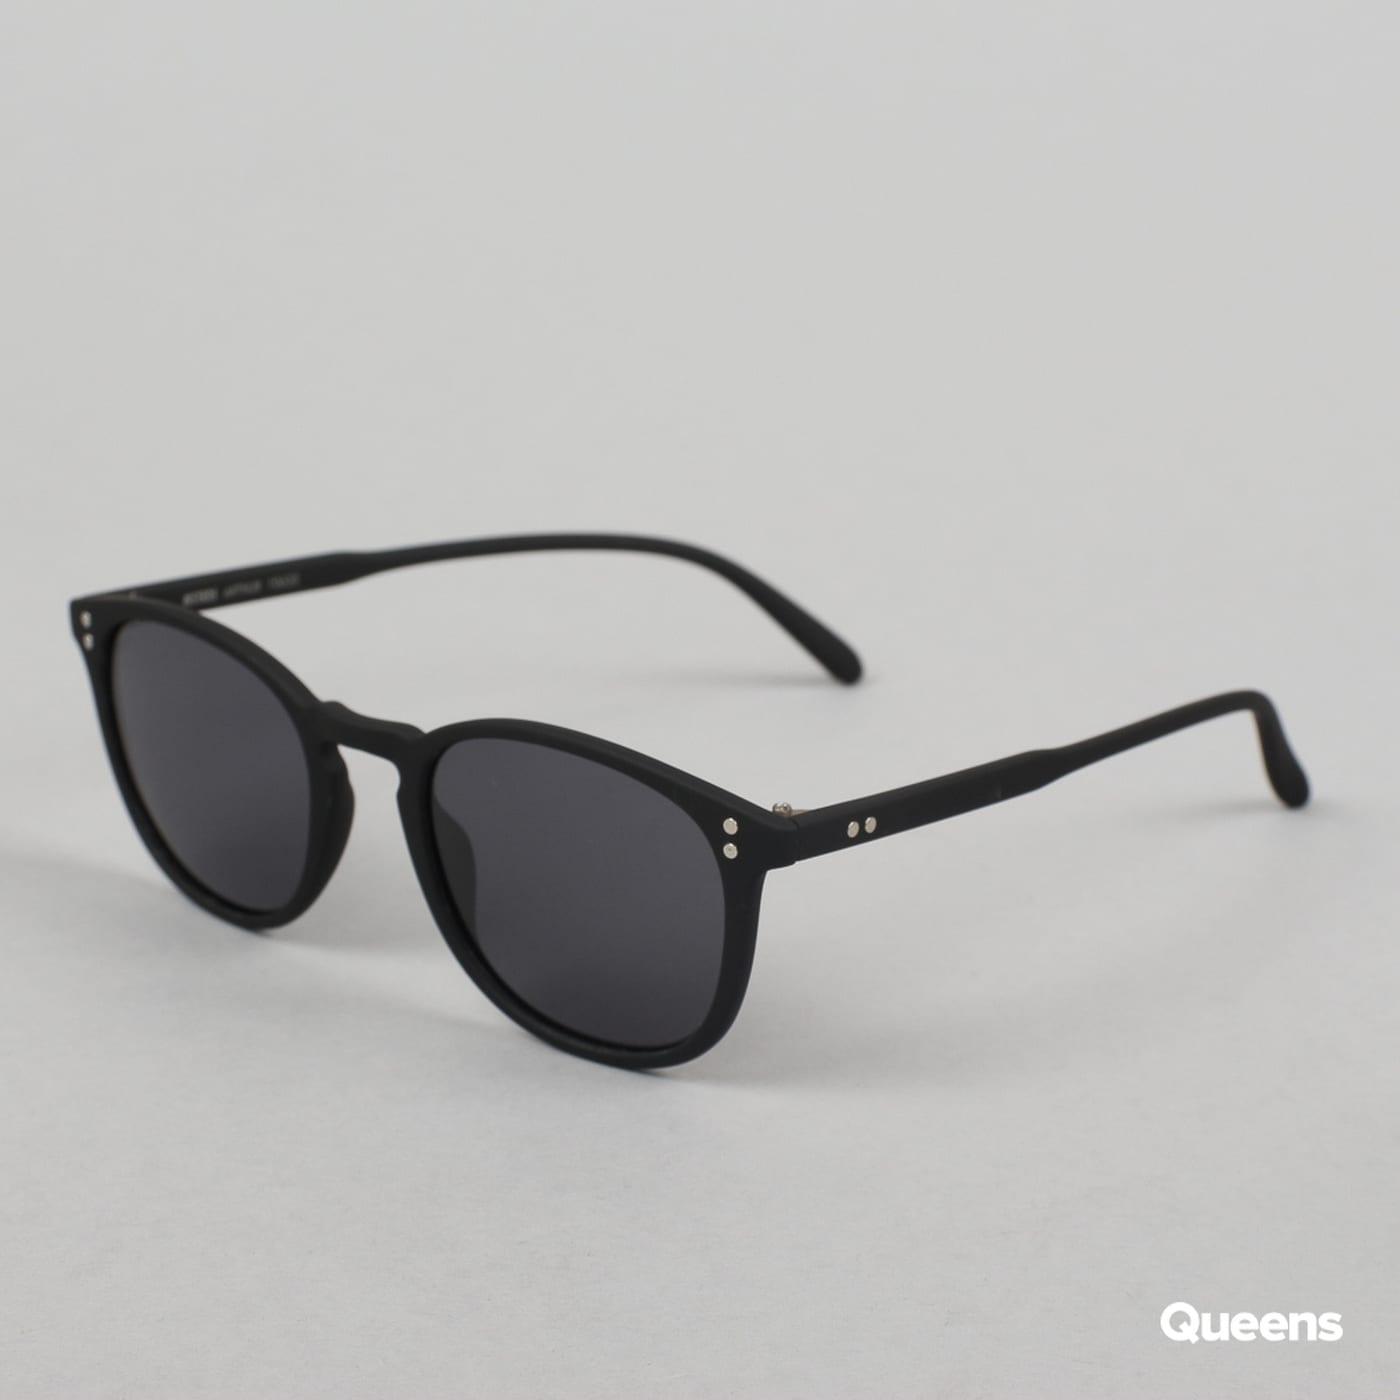 MD Sunglasses Arthur schwarz / grau